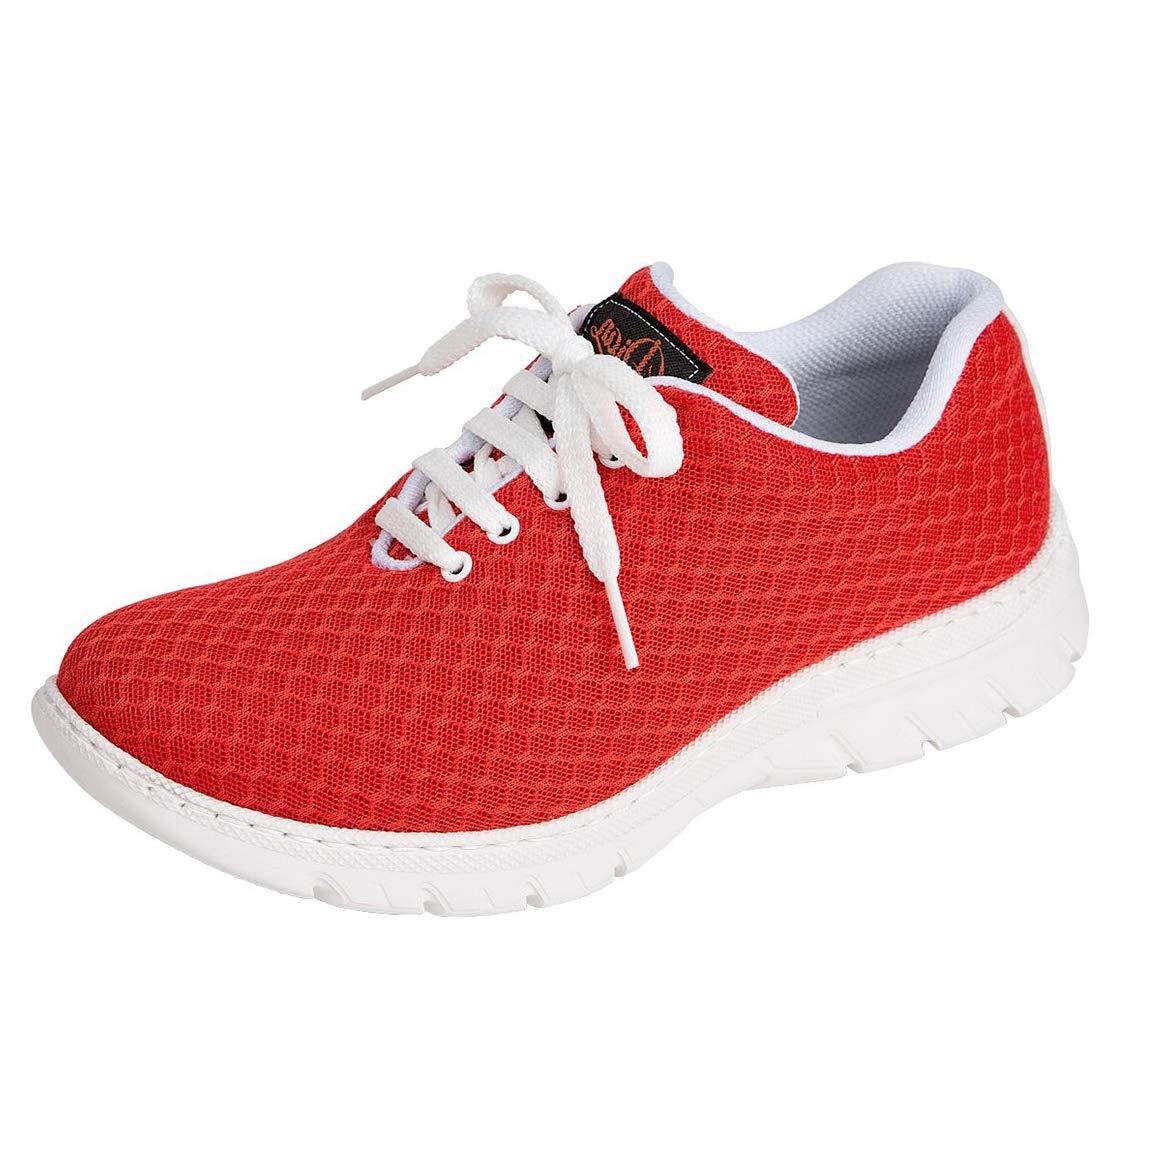 en Microfibra Color Rojo calpe-57 Zapatilla Tipo Blucher Unisex de la Marca DIAN